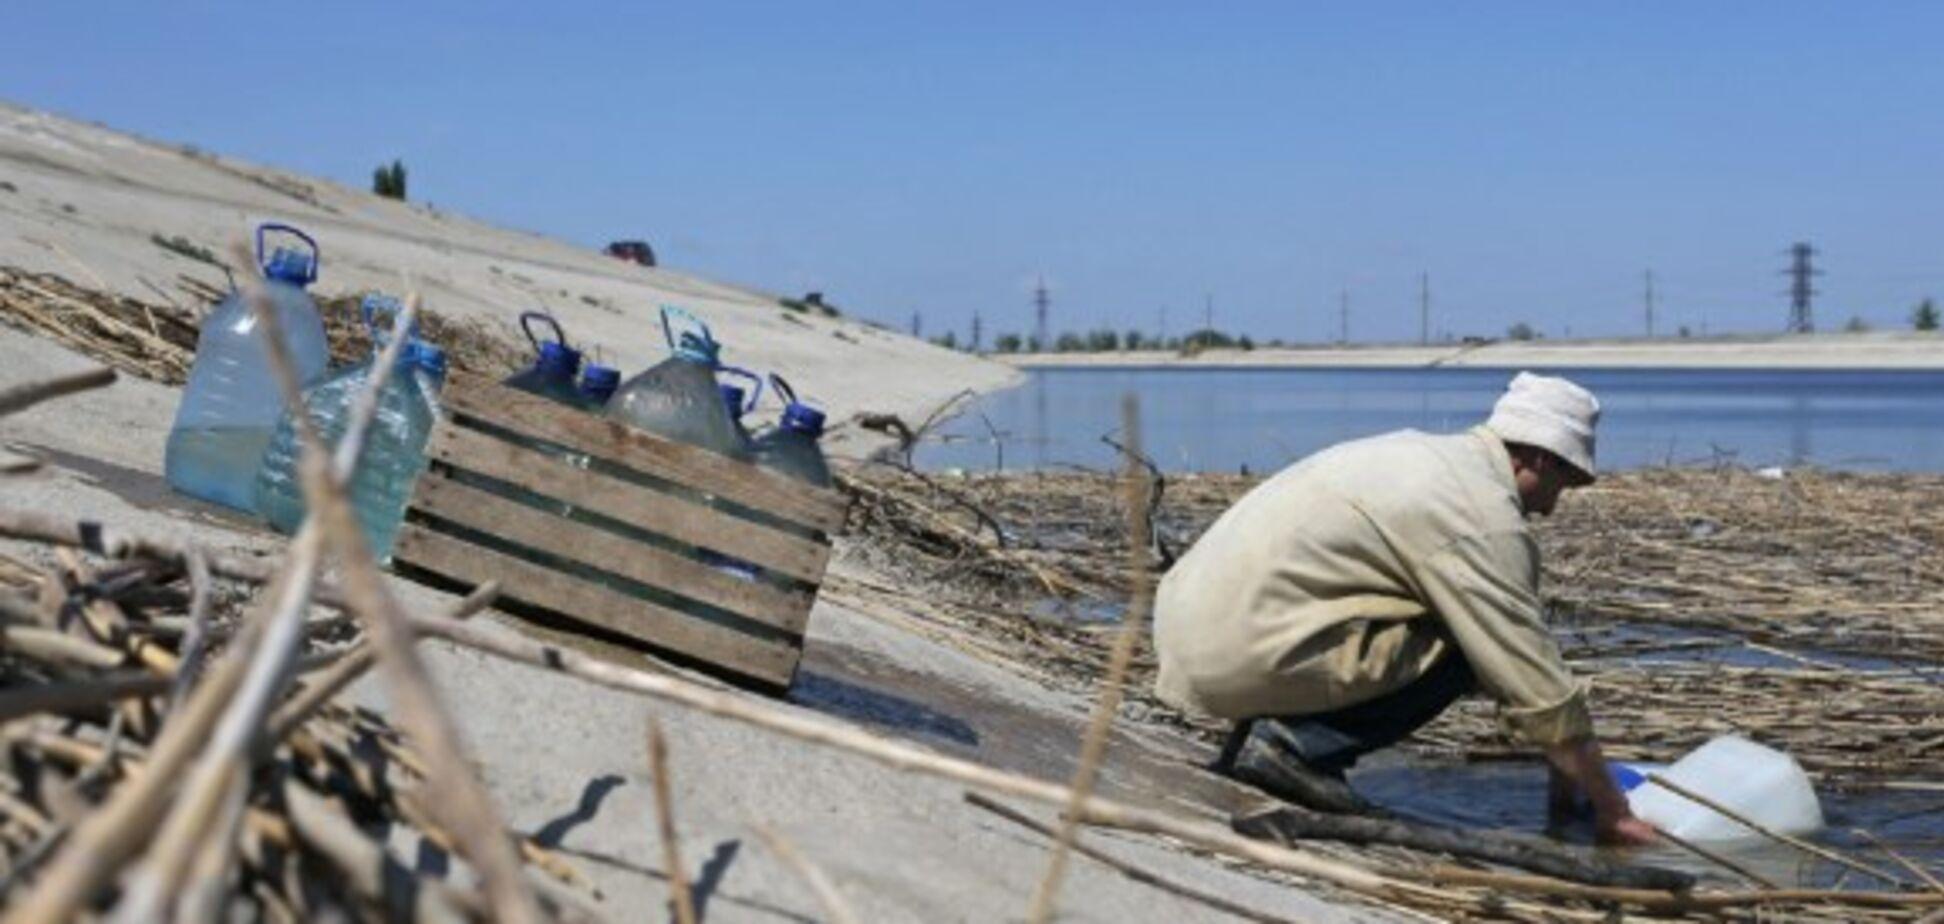 Экологи бьют тревогу: Путин одобрил массовое бурение скважин в Крыму